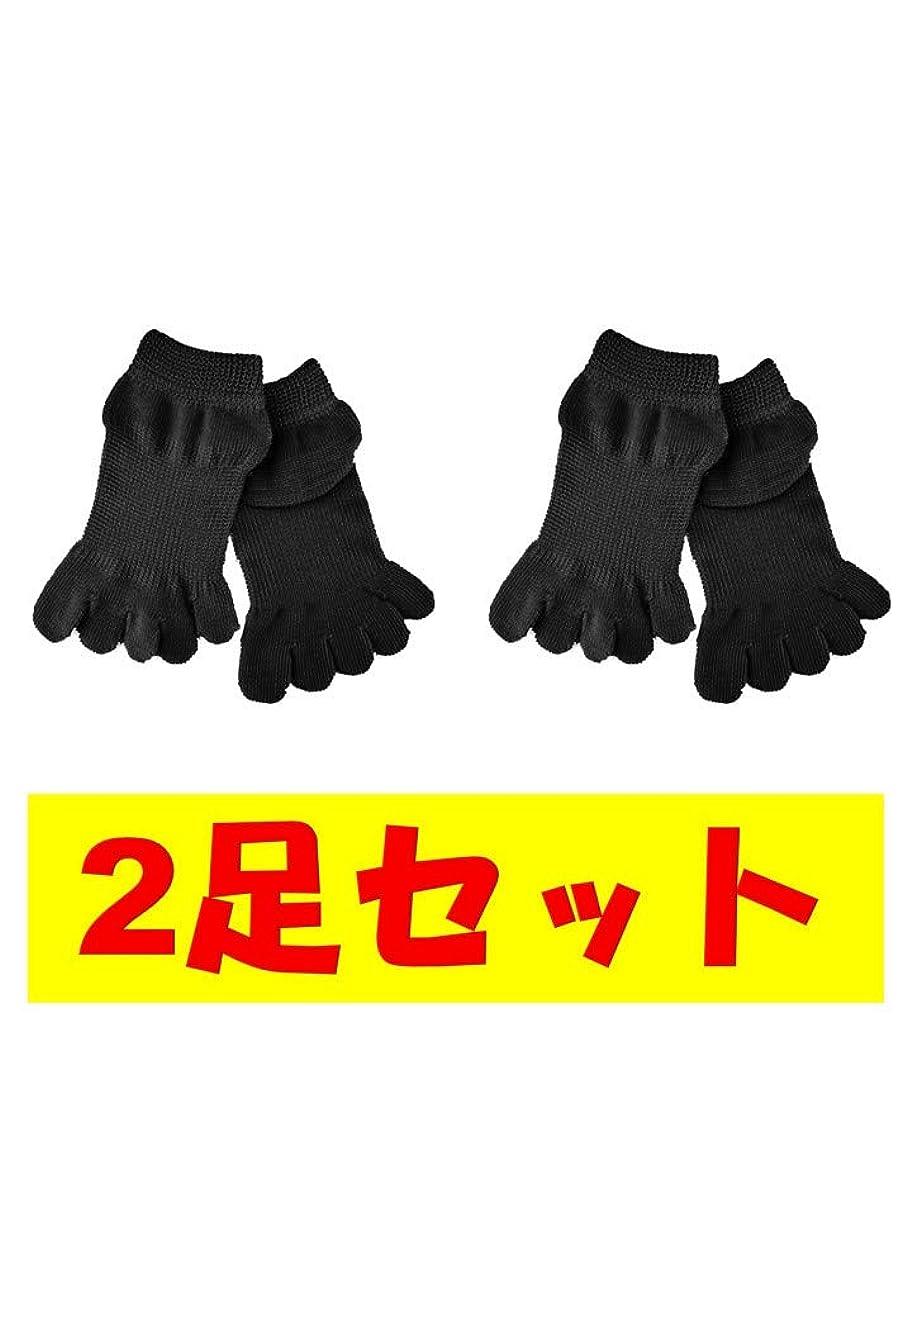 目覚めるフォアマン処理お買い得2足セット 5本指 ゆびのばソックス ゆびのば アンクル ブラック Sサイズ 21.0cm-24.0cm YSANKL-BLK